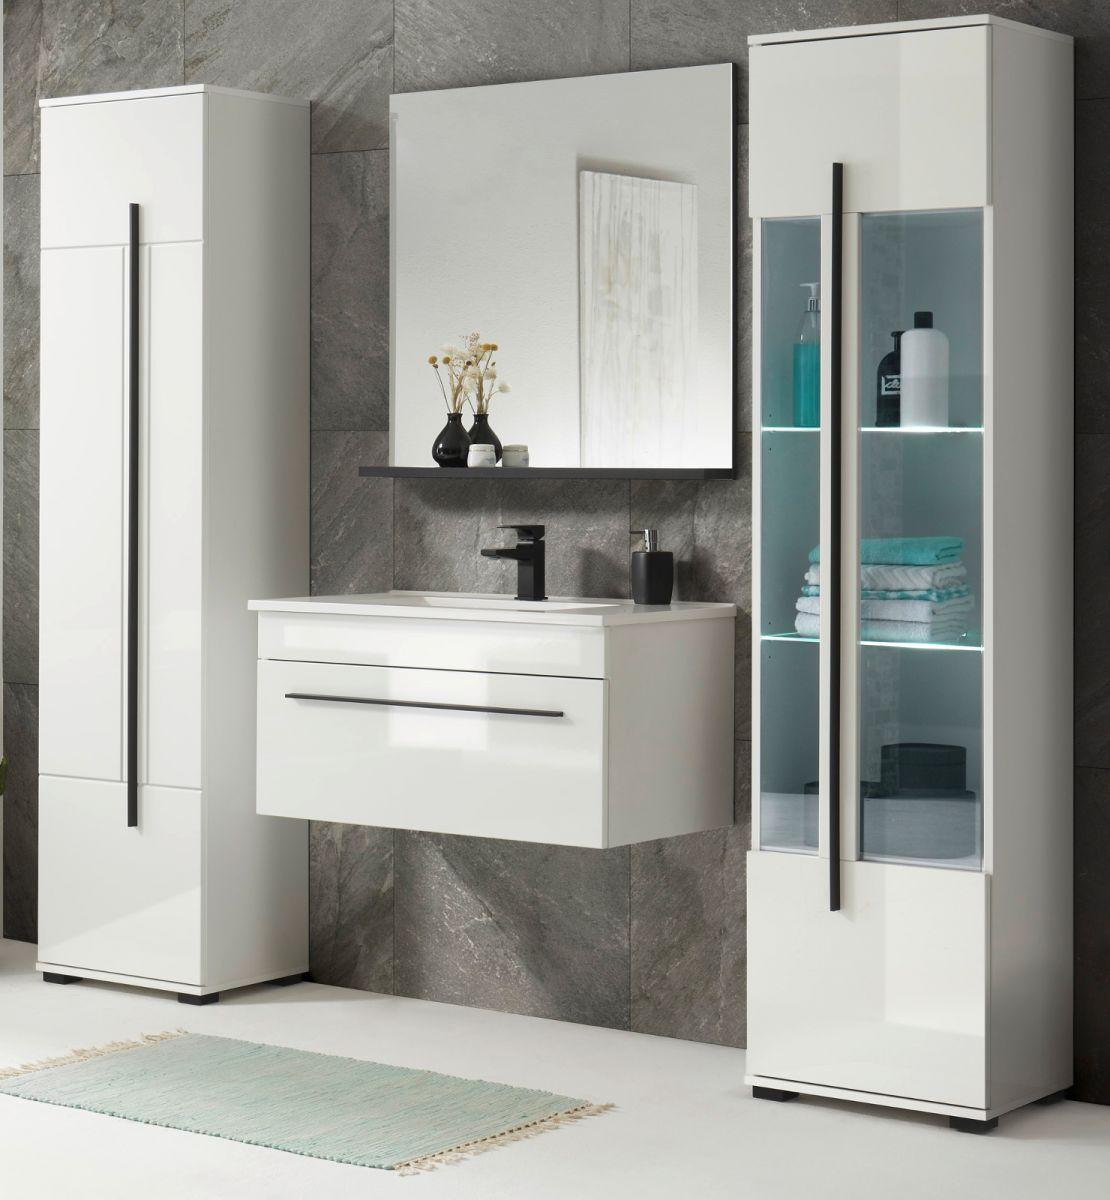 Badmöbel Set 5-teilig Design-D in Hochglanz weiss 190 x 200 cm